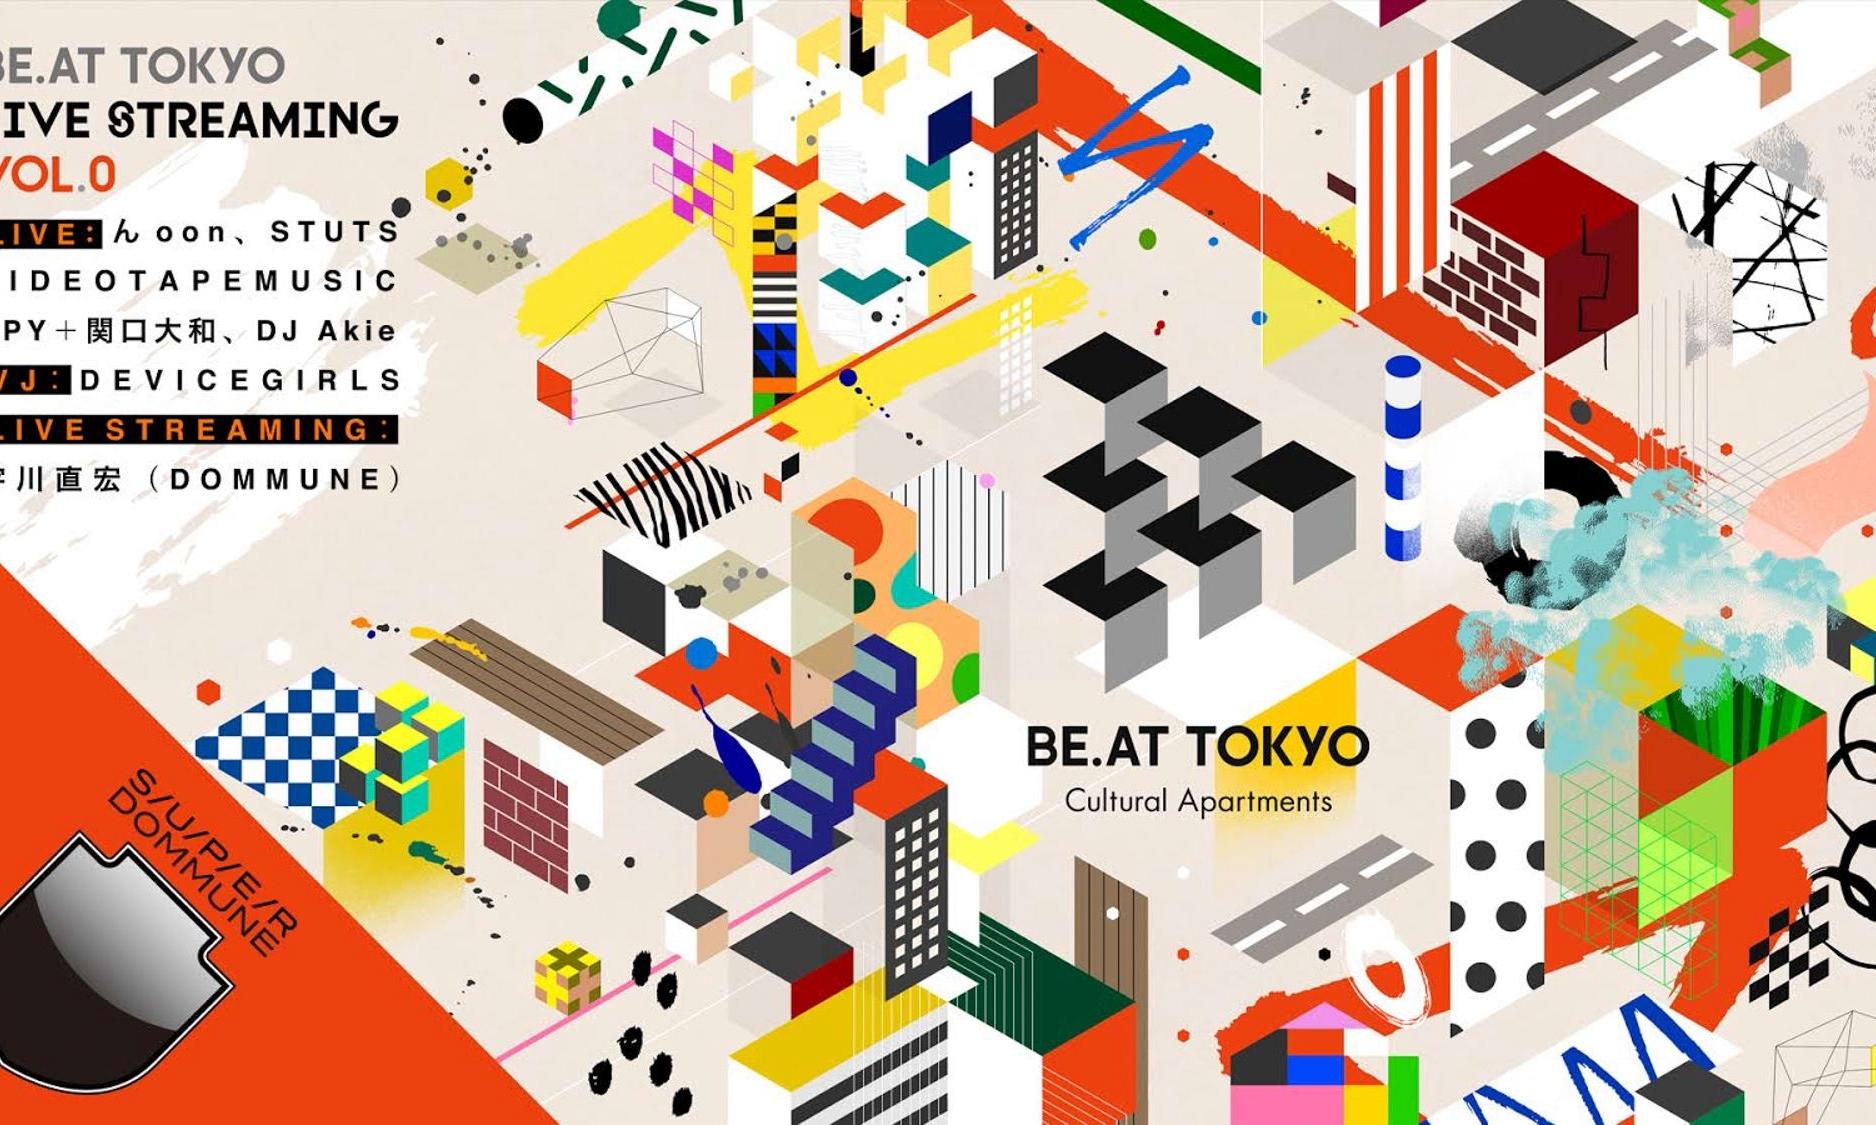 BEAMS 推出全新「BE.AT TOKYO」文化平台